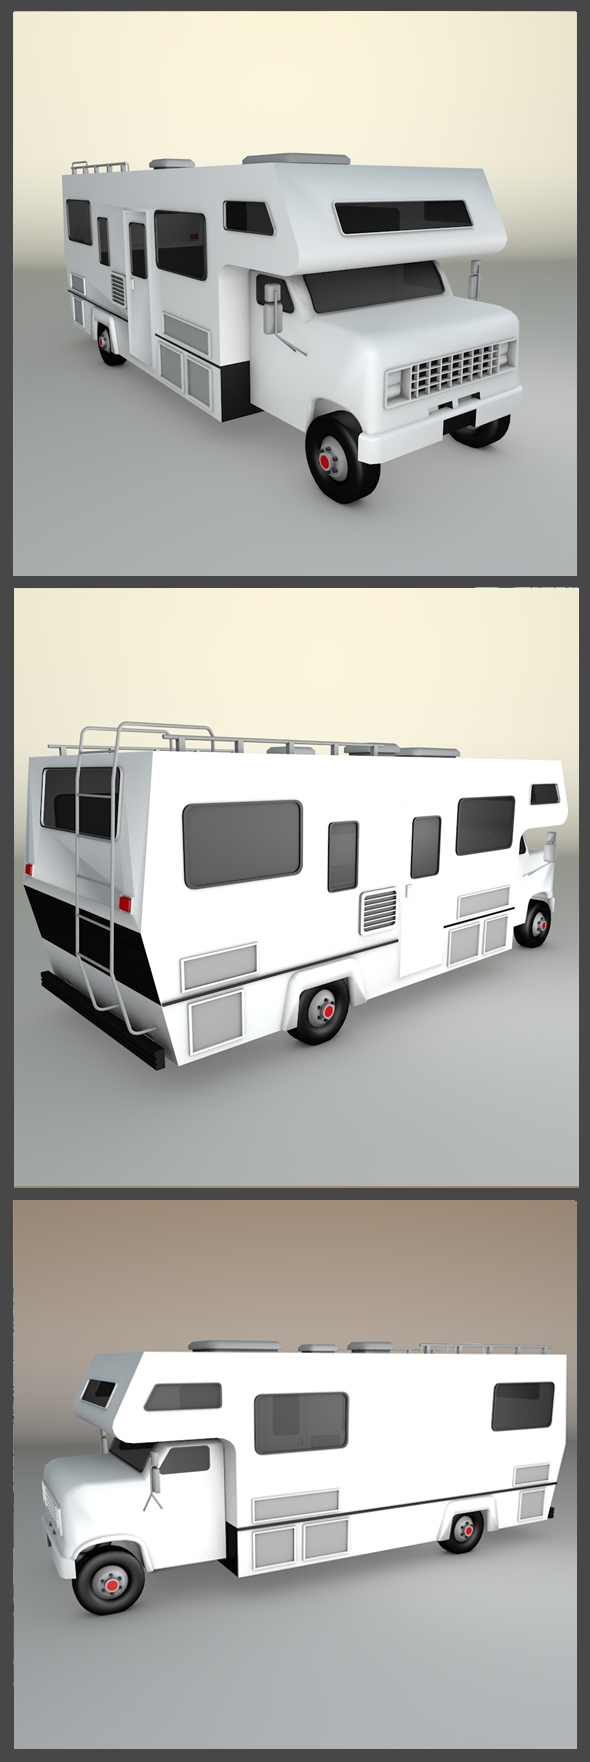 Motorhome - 3DOcean Item for Sale